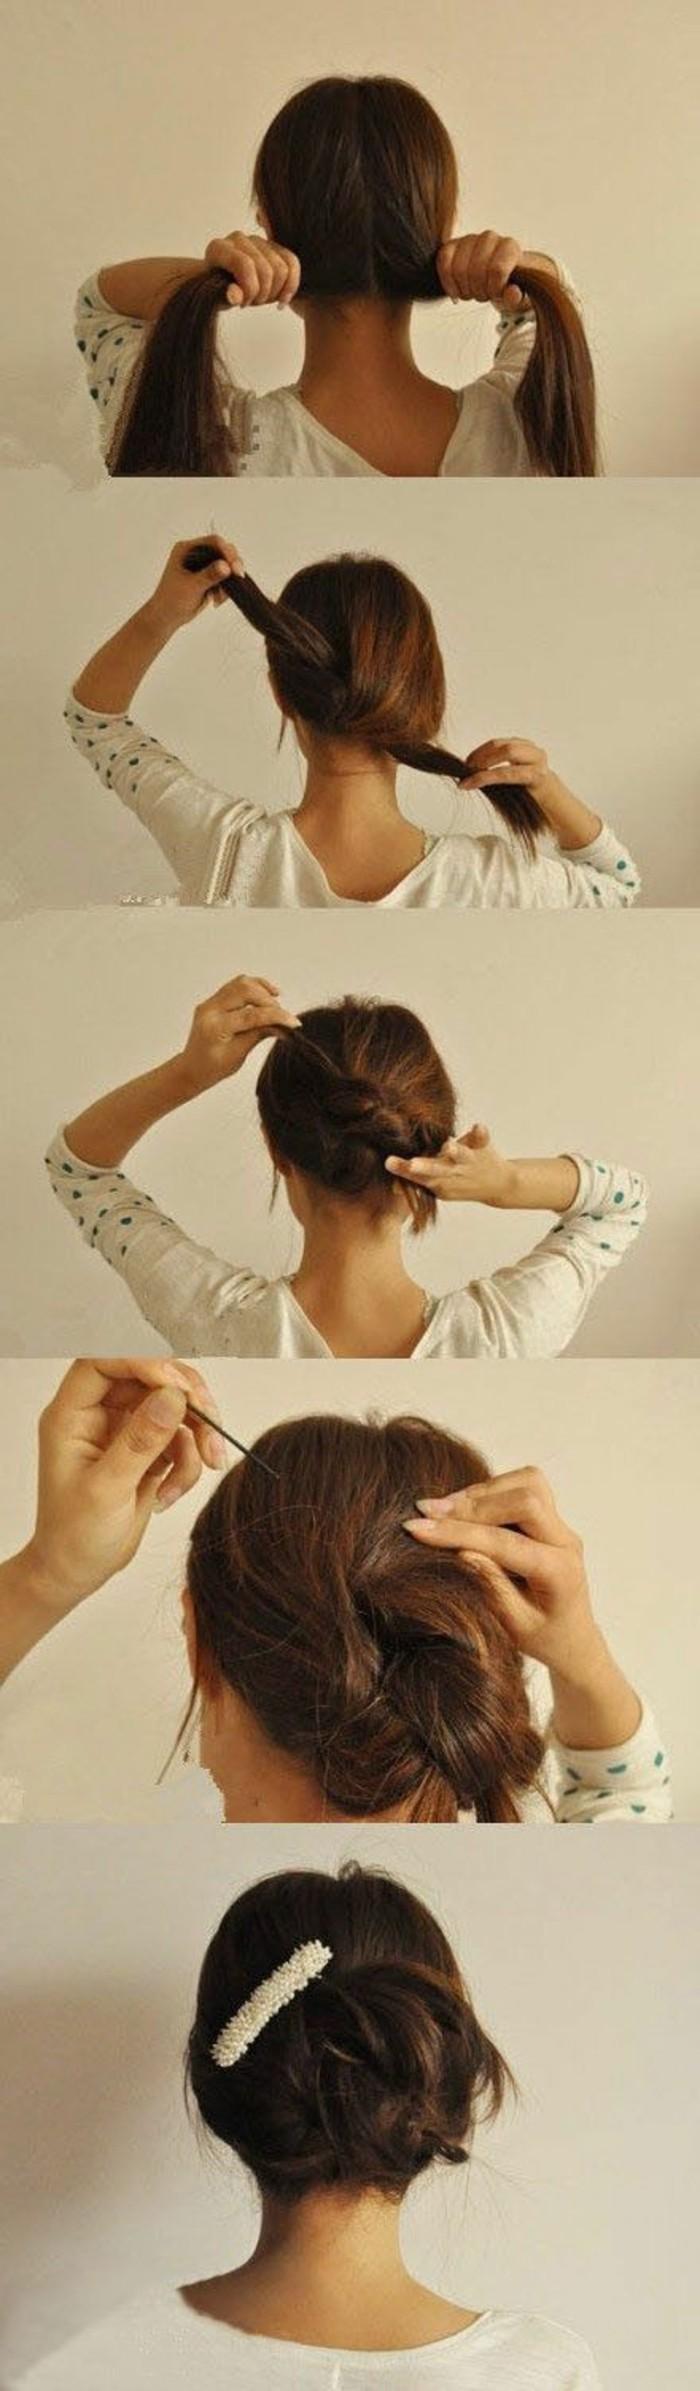 tutorial per realizzare delle acconciature capelli lunghi facili in poche mosse e con un fermaglio